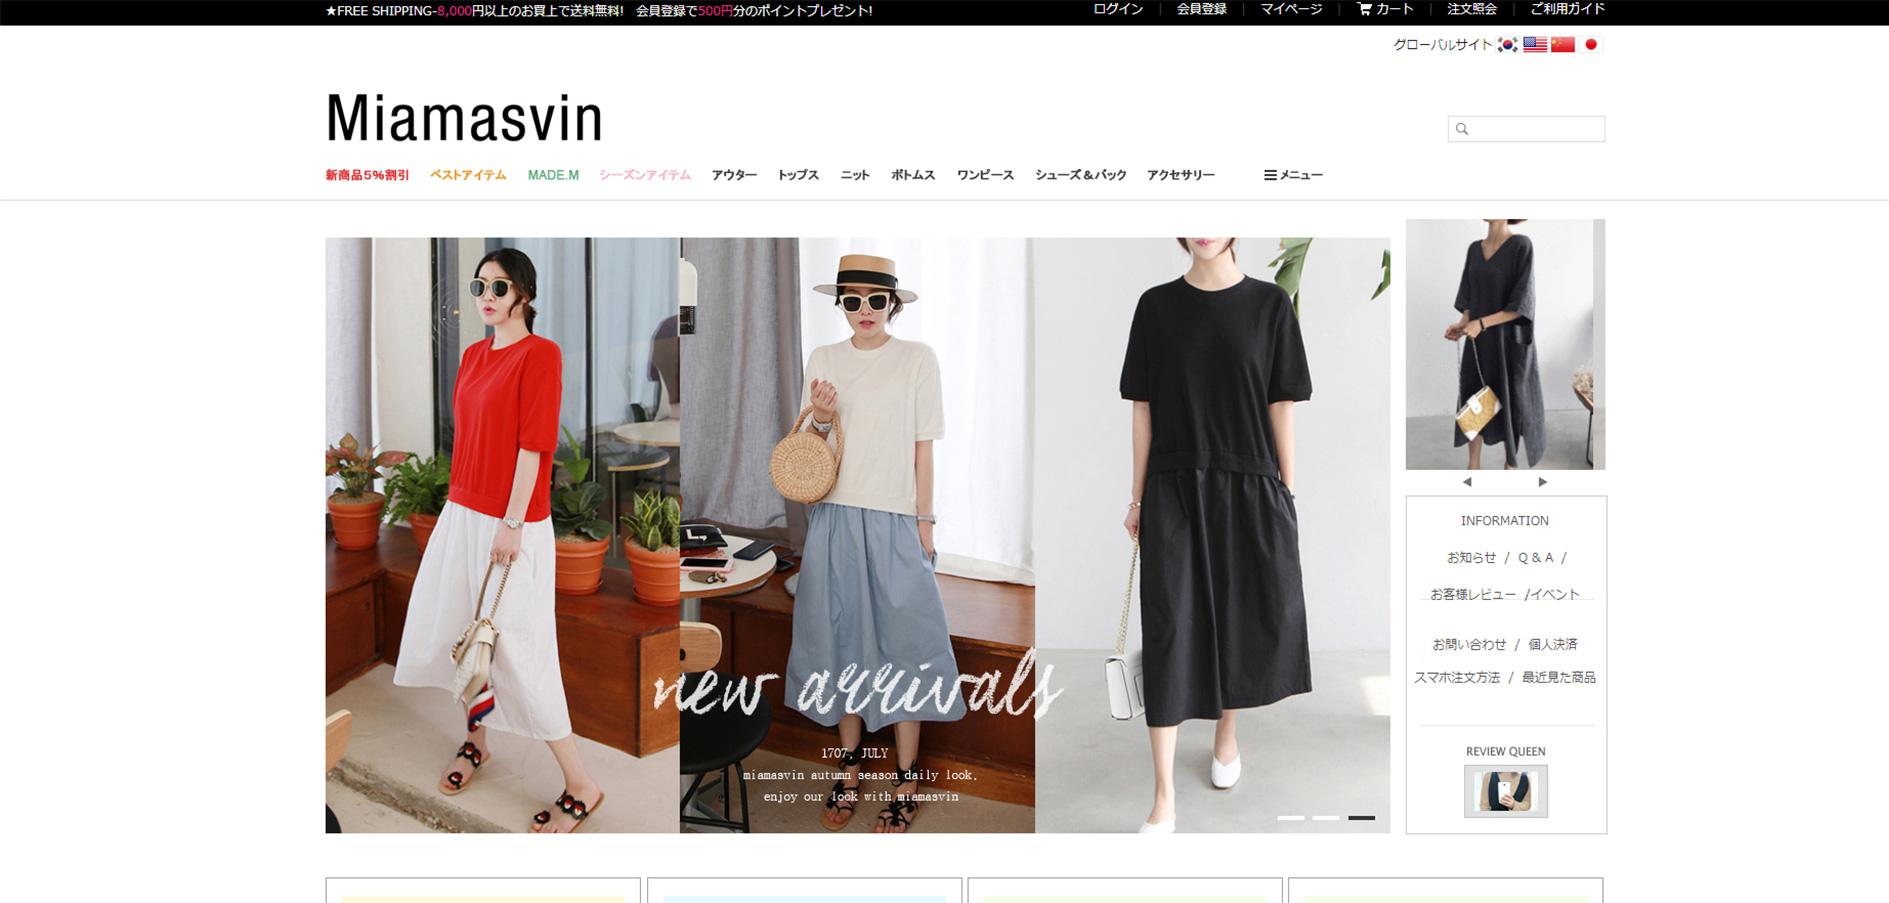 30代におすすめな韓国ファッション通販サイトのMIAMASVIN(ミアマズビン)